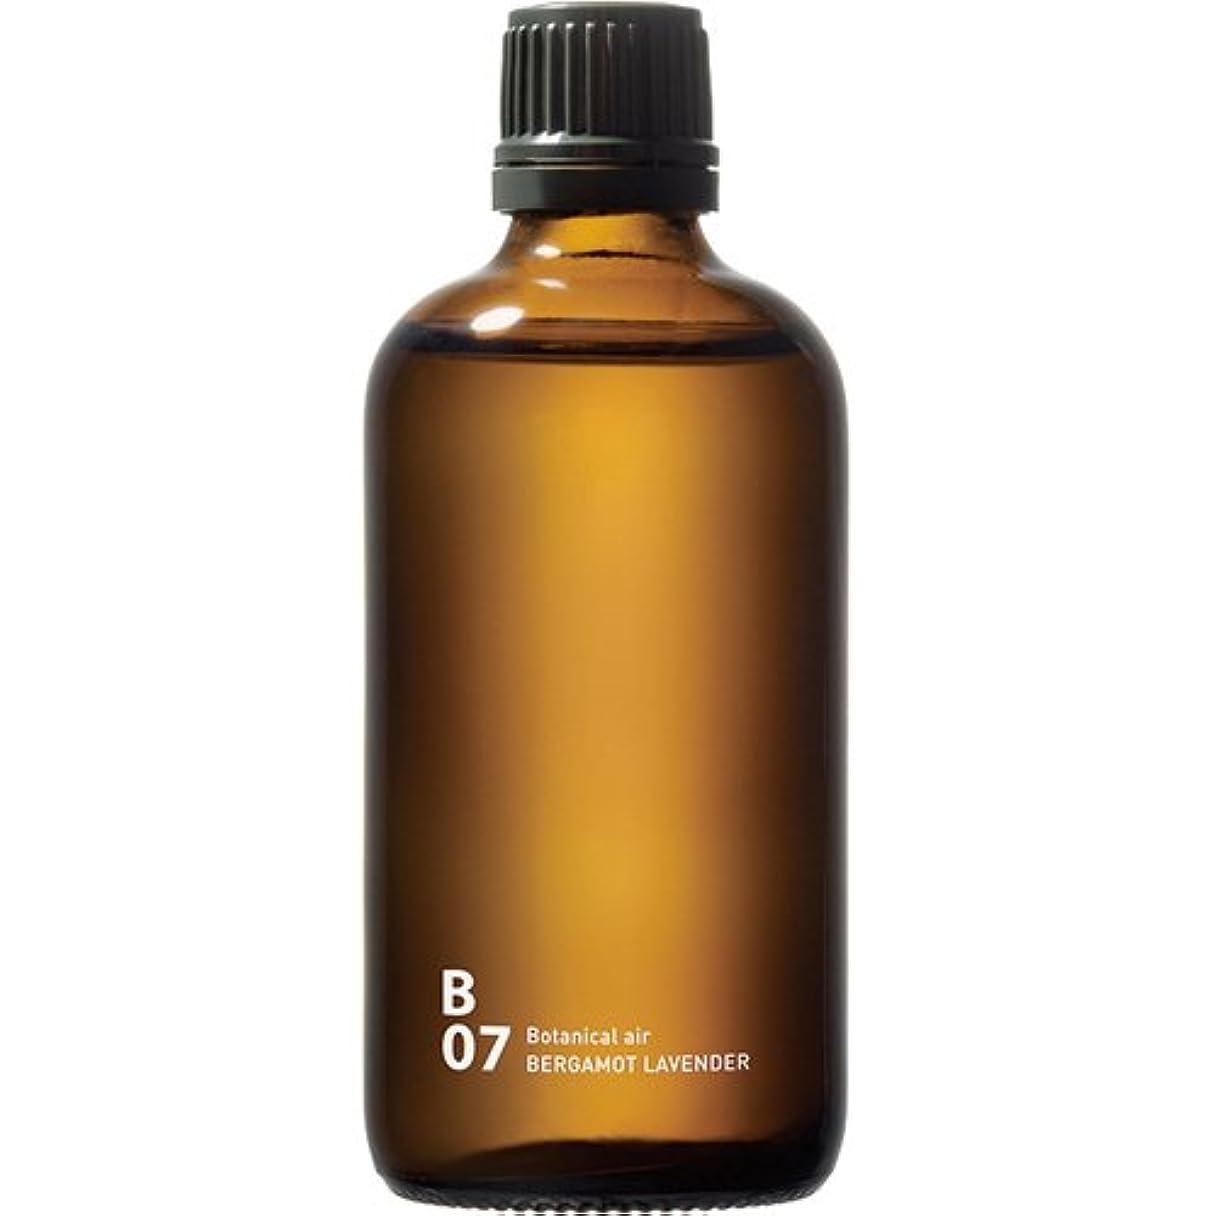 かもしれないばかげているポルノB07 BERGAMOT LAVENDER piezo aroma oil 100ml